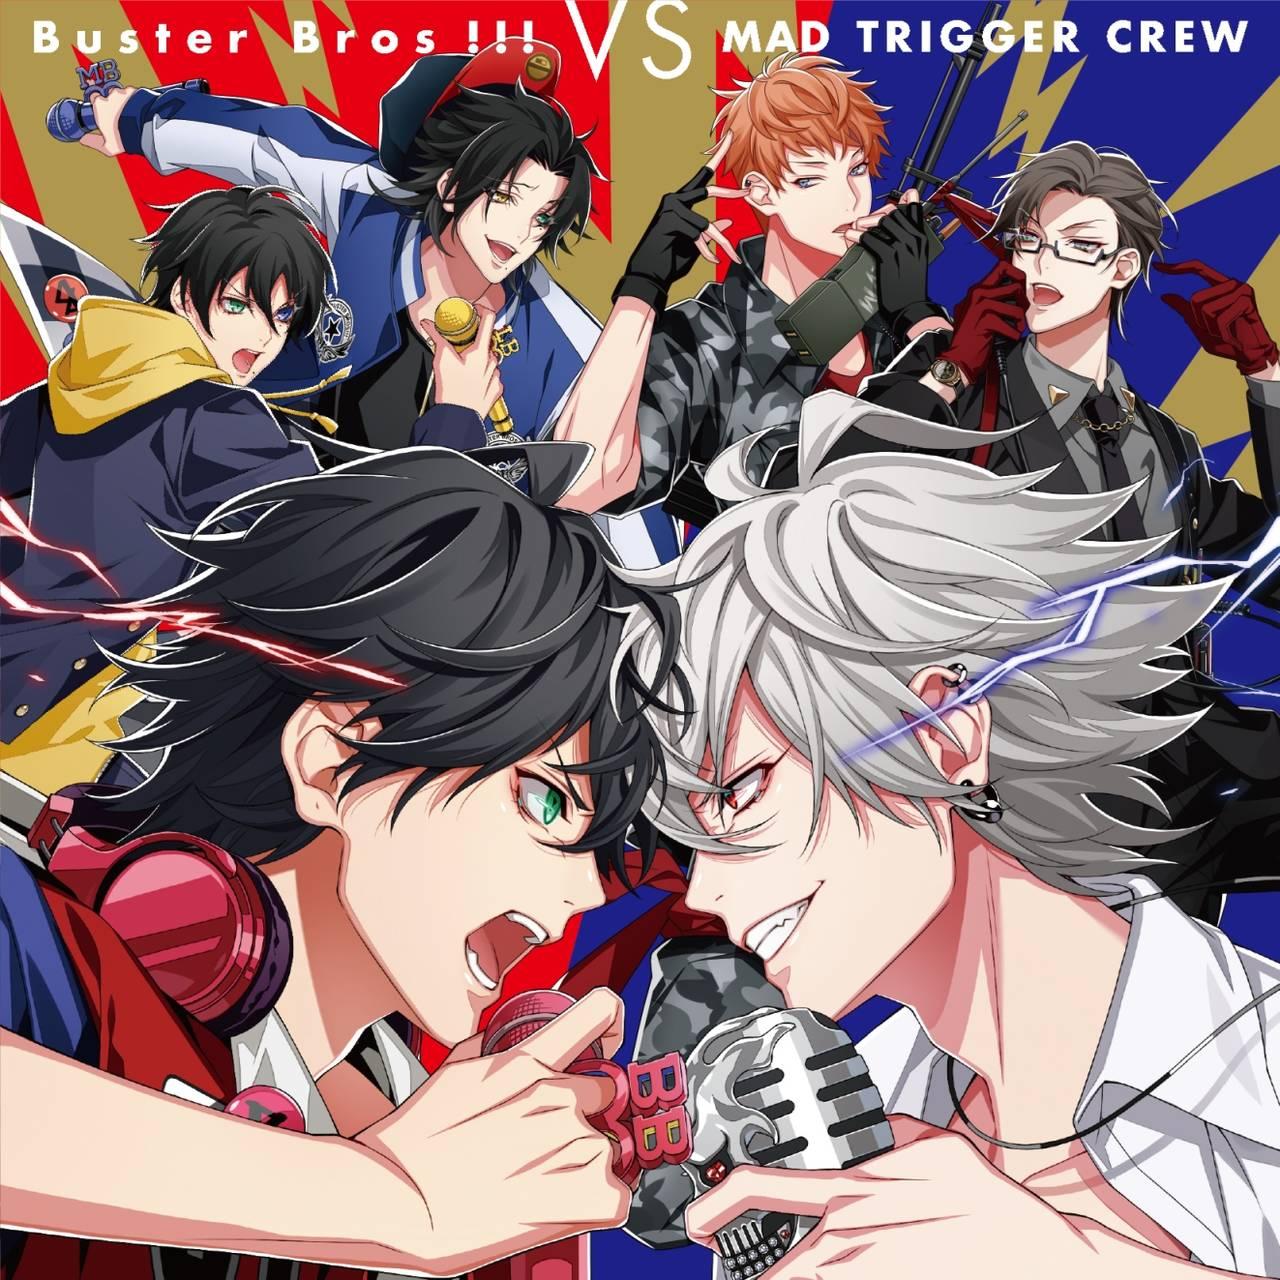 """ヒプノシスマイク1st Battle""""イケブクロVSヨコハマ"""" CD収録内容とジャケ写解禁!"""